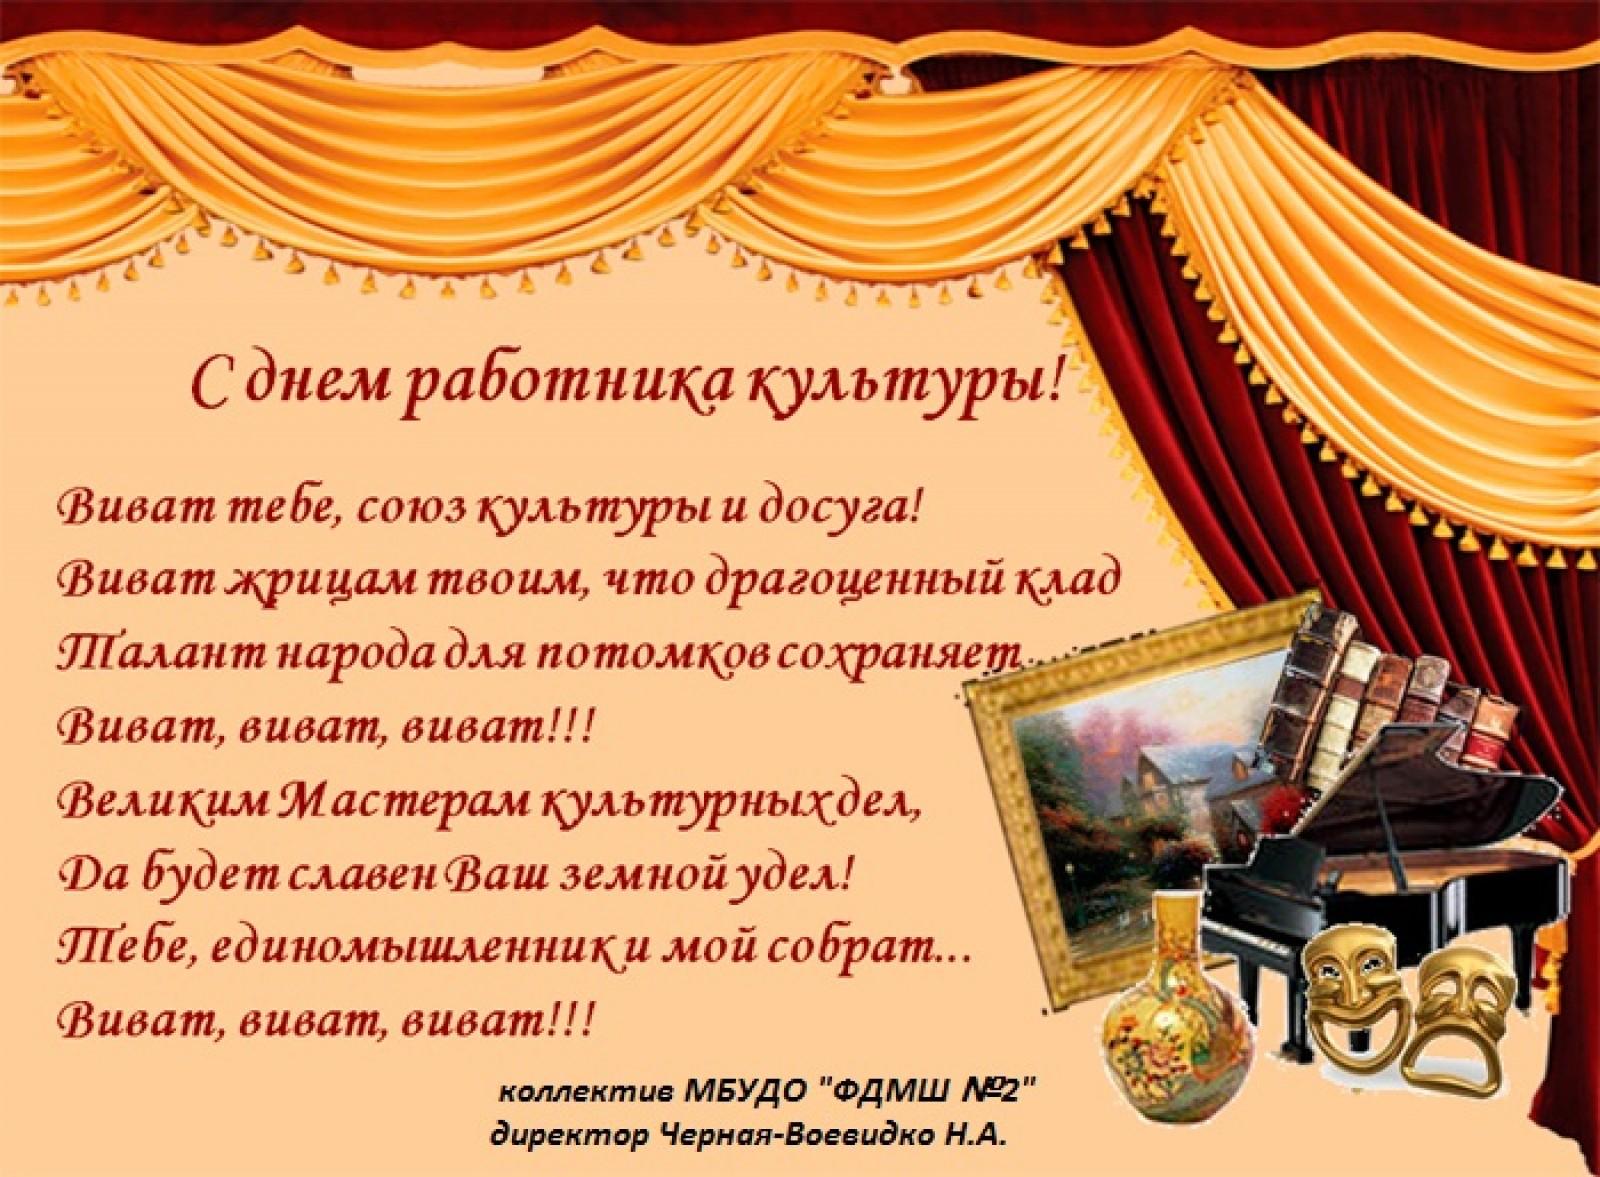 Поздравление на юбилей работнику культуры